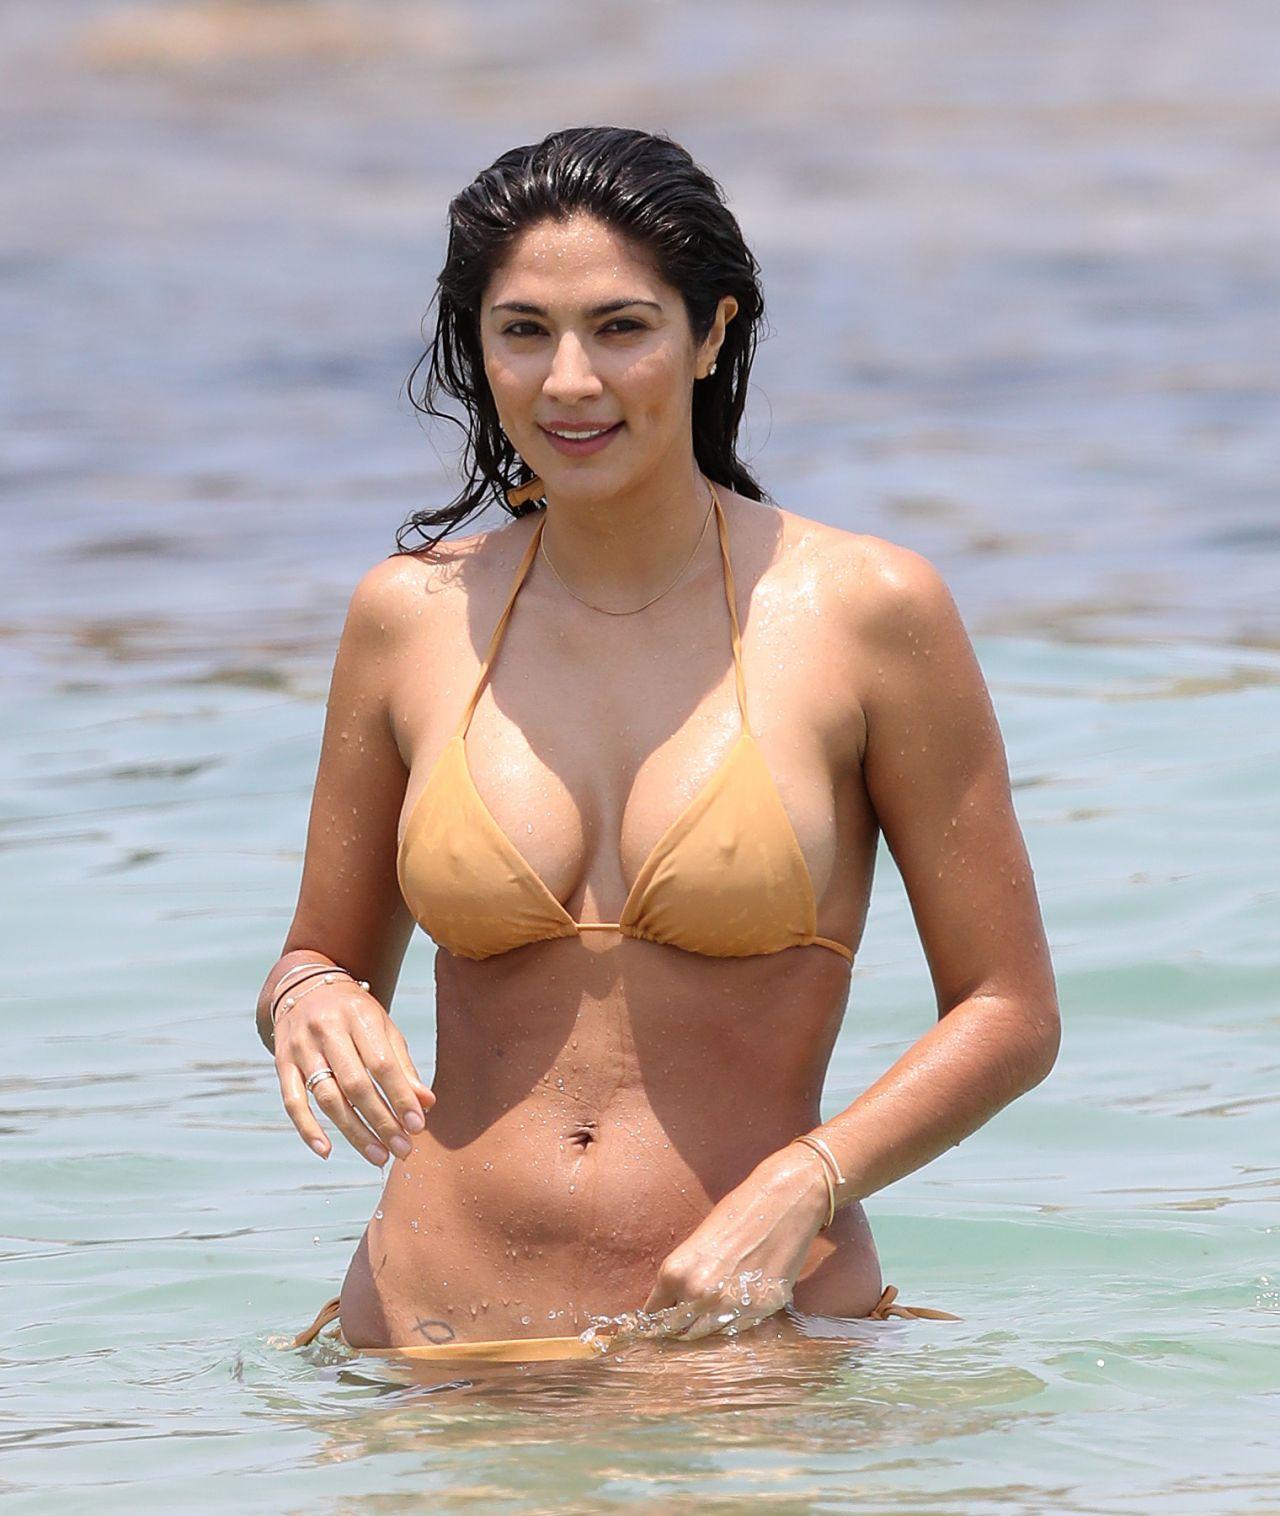 barbara fonseca bikini